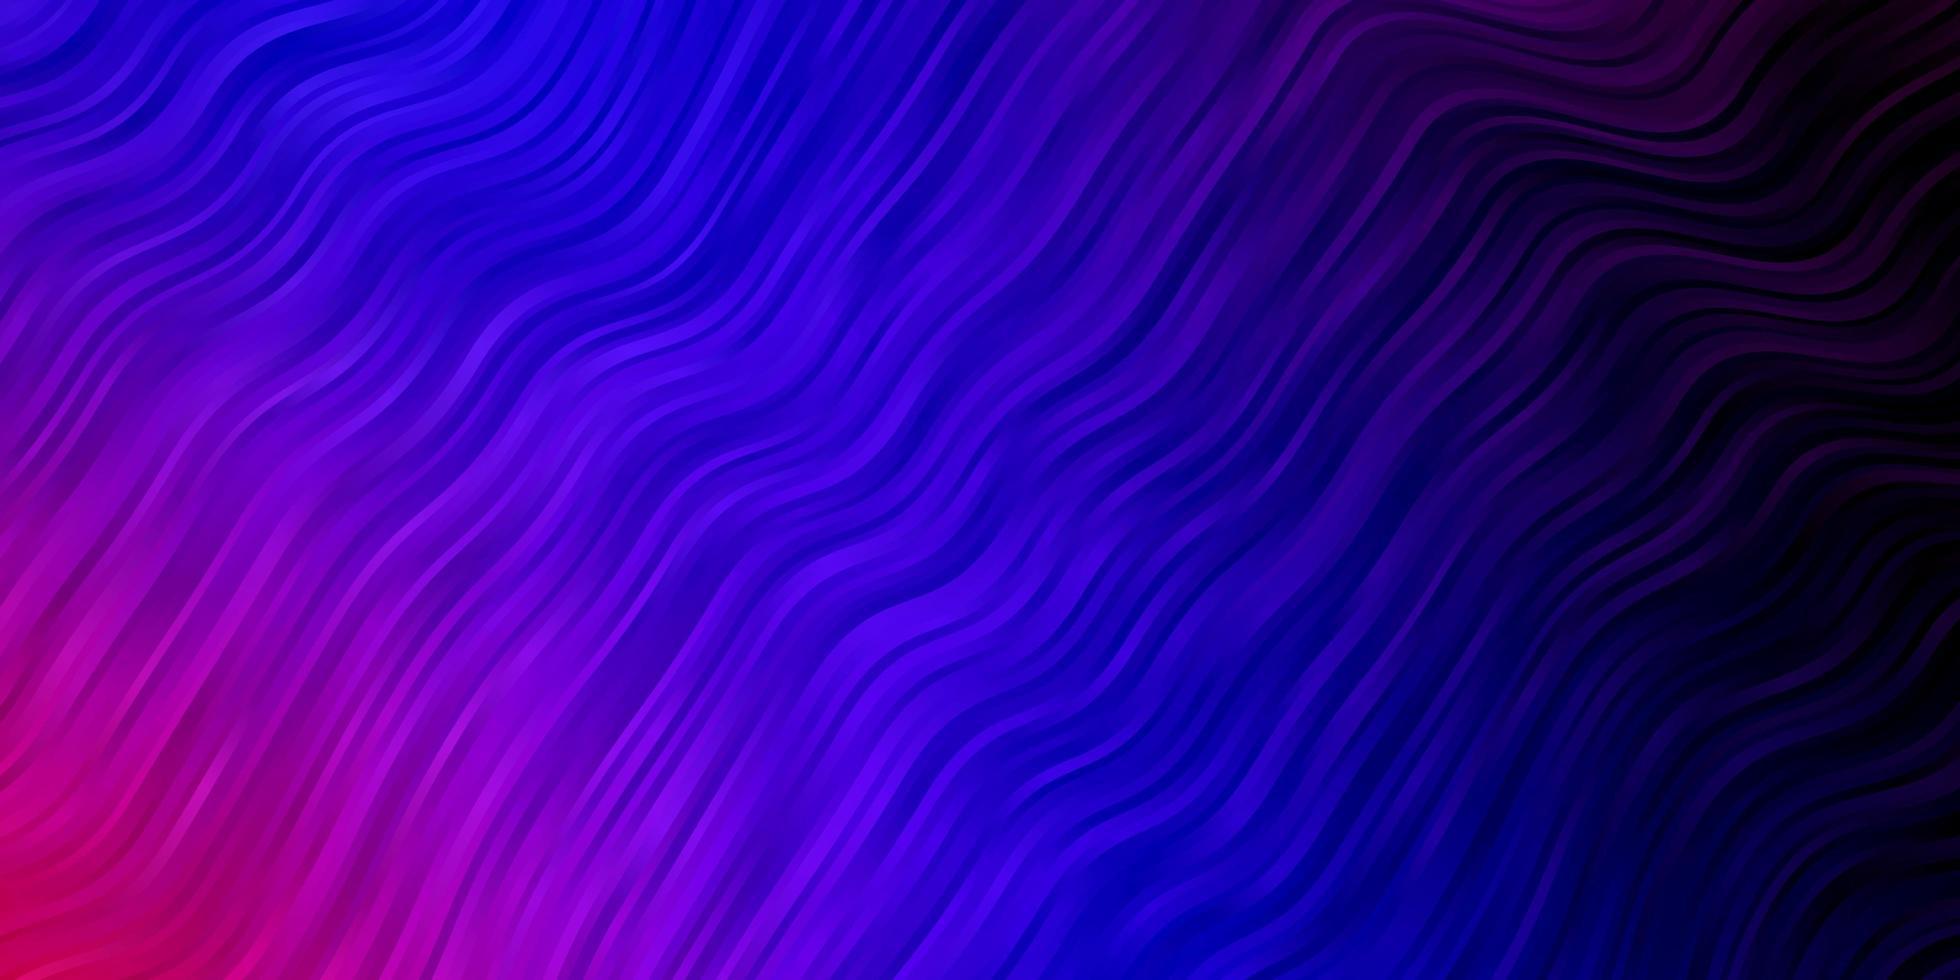 fundo vector azul e vermelho claro com curvas.